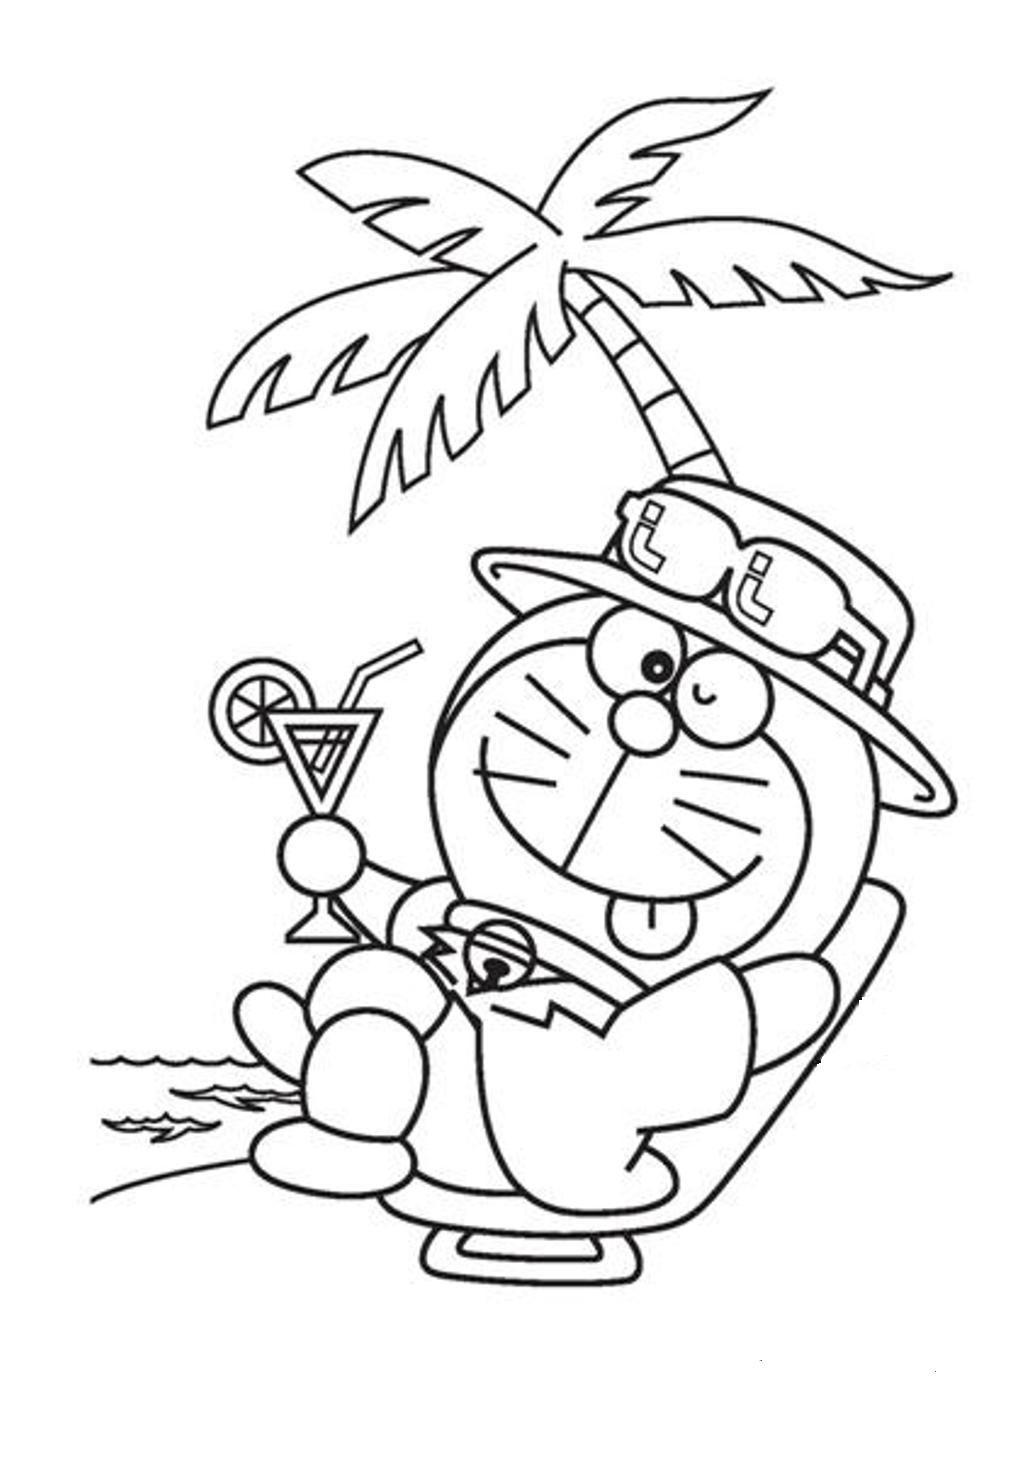 Dibujos De Vacaciones De Verano Con Doraemon Para Colorear Pintar E